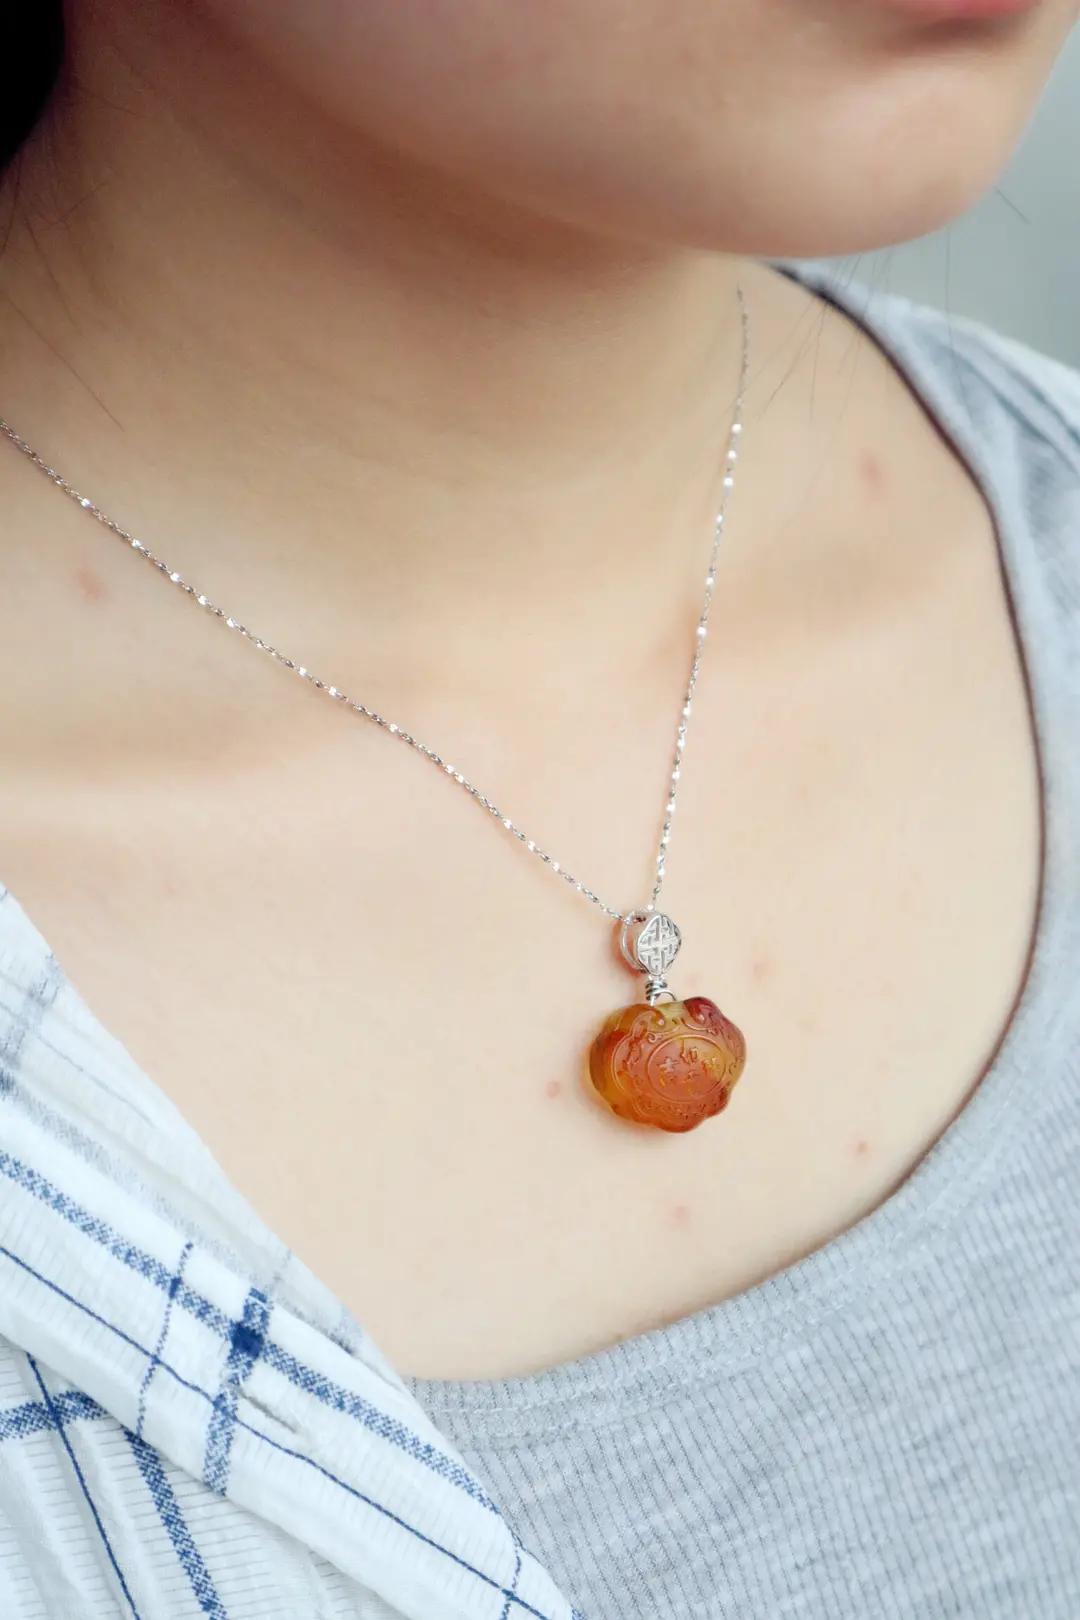 女人长期佩戴琥珀原石有什么功效和作用,必知!-第7张图片